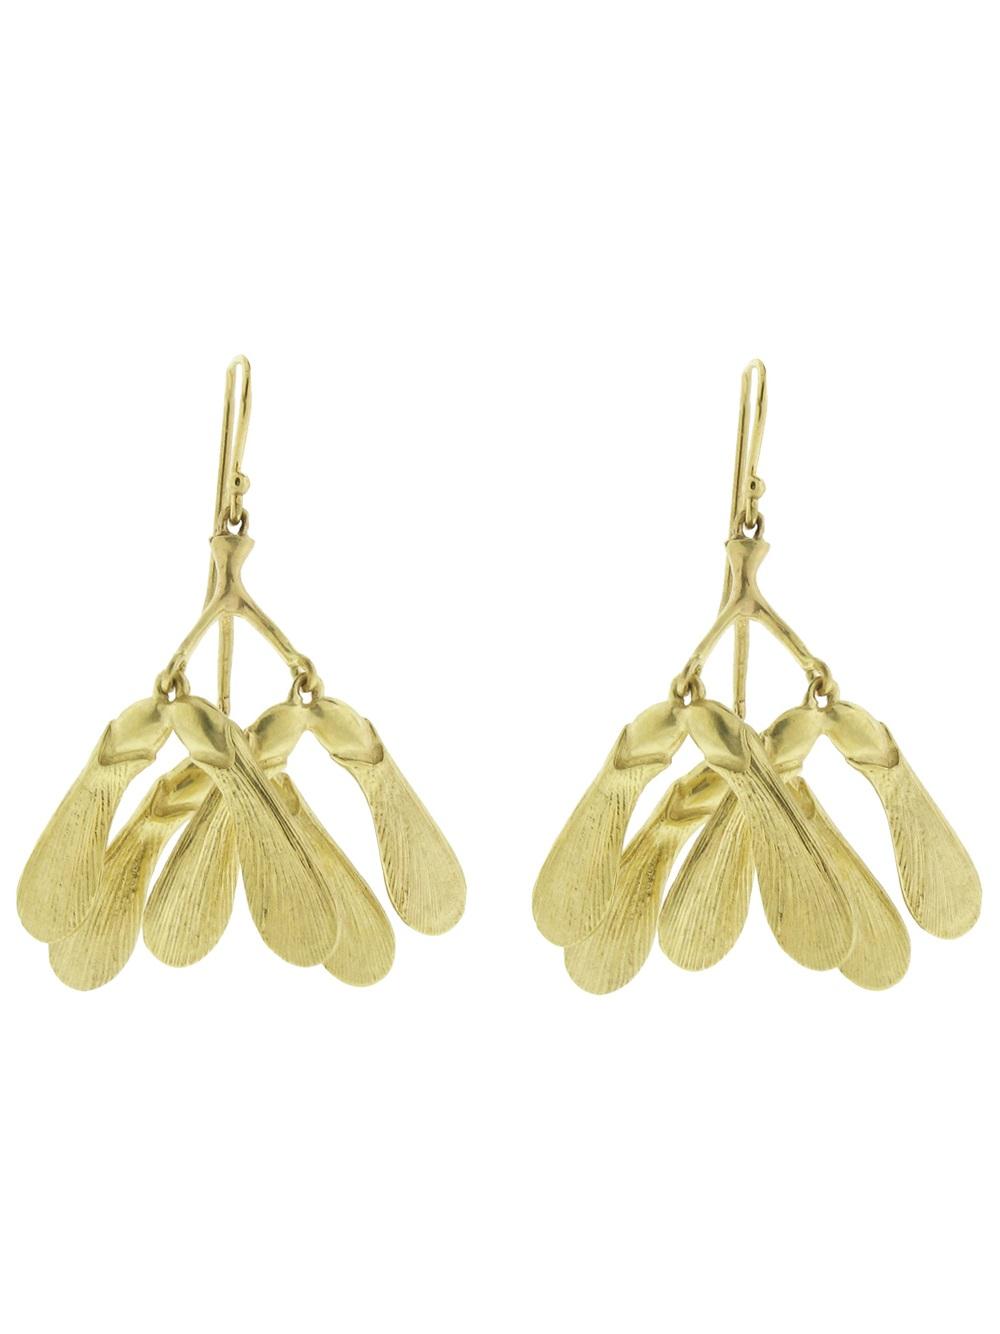 Annette Ferdinandsen Maple Seed Cluster Earring in Metallic